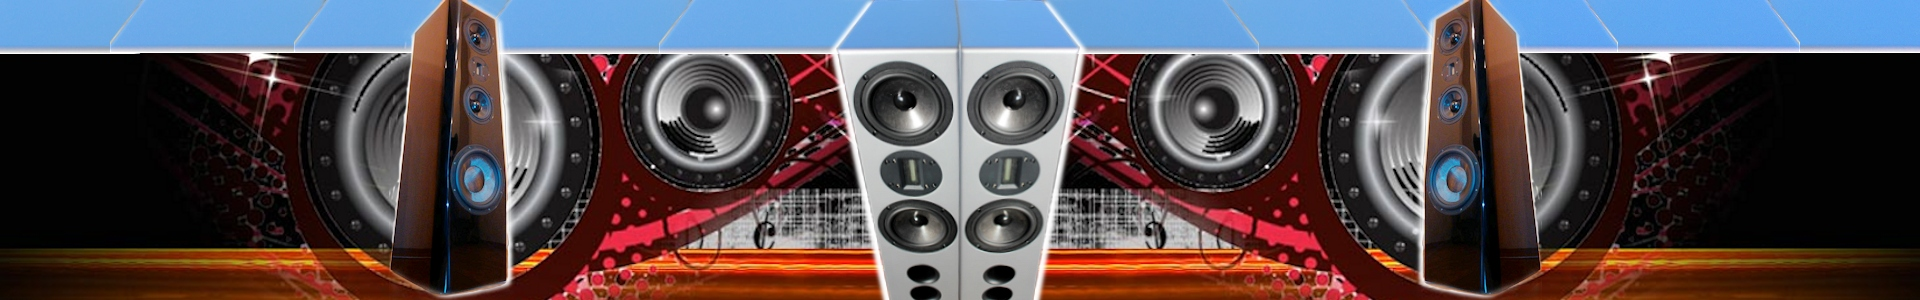 Audio Przedlacki – Kolumny, głośniki, subwoofery, kino domowe, hobby